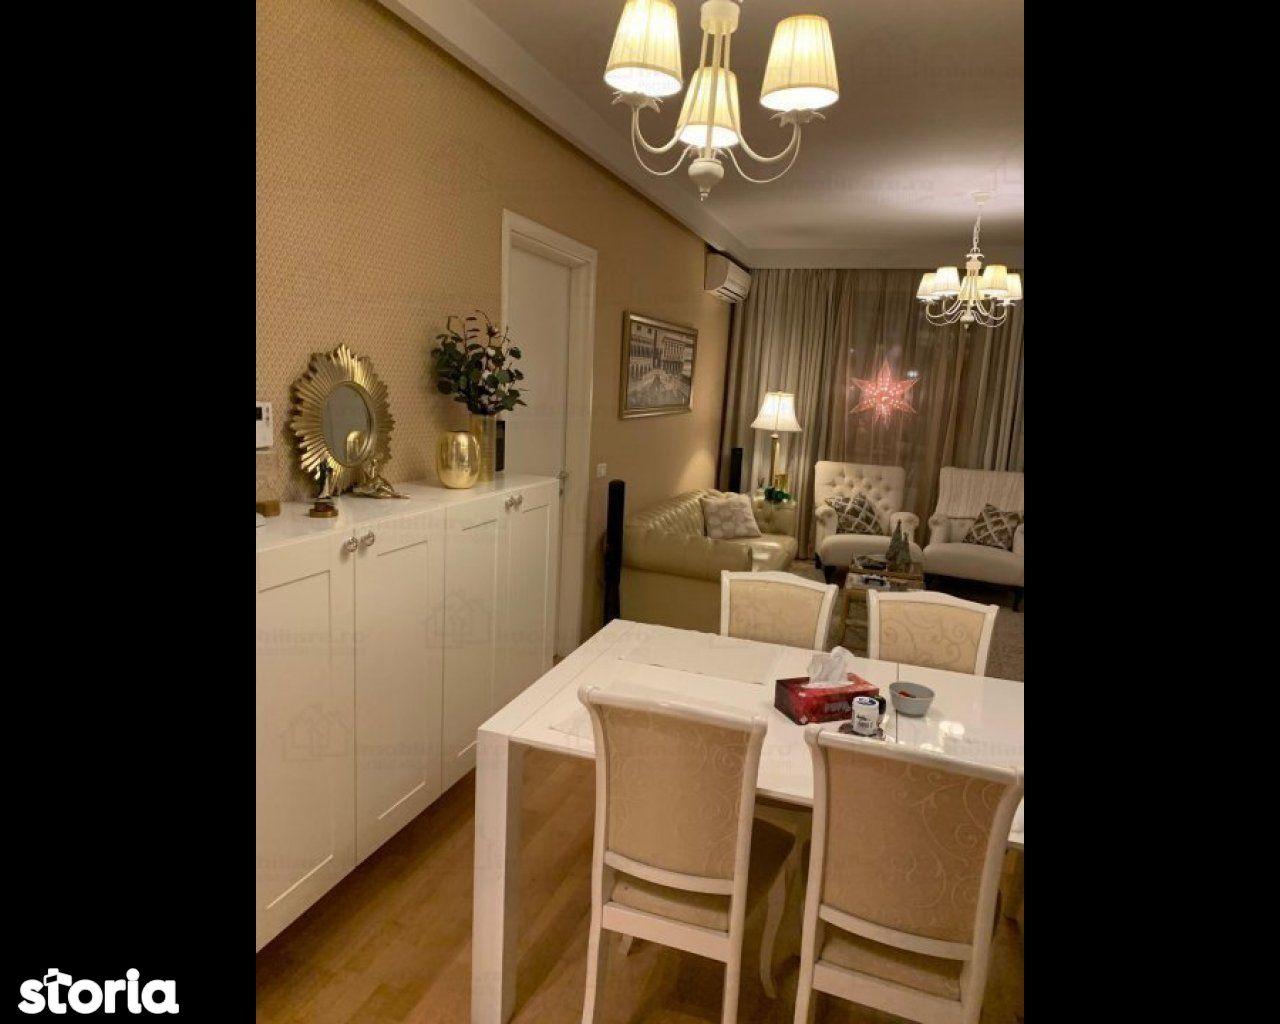 Apartament de vanzare, București (judet), Bulevardul Oaspeților - Foto 3